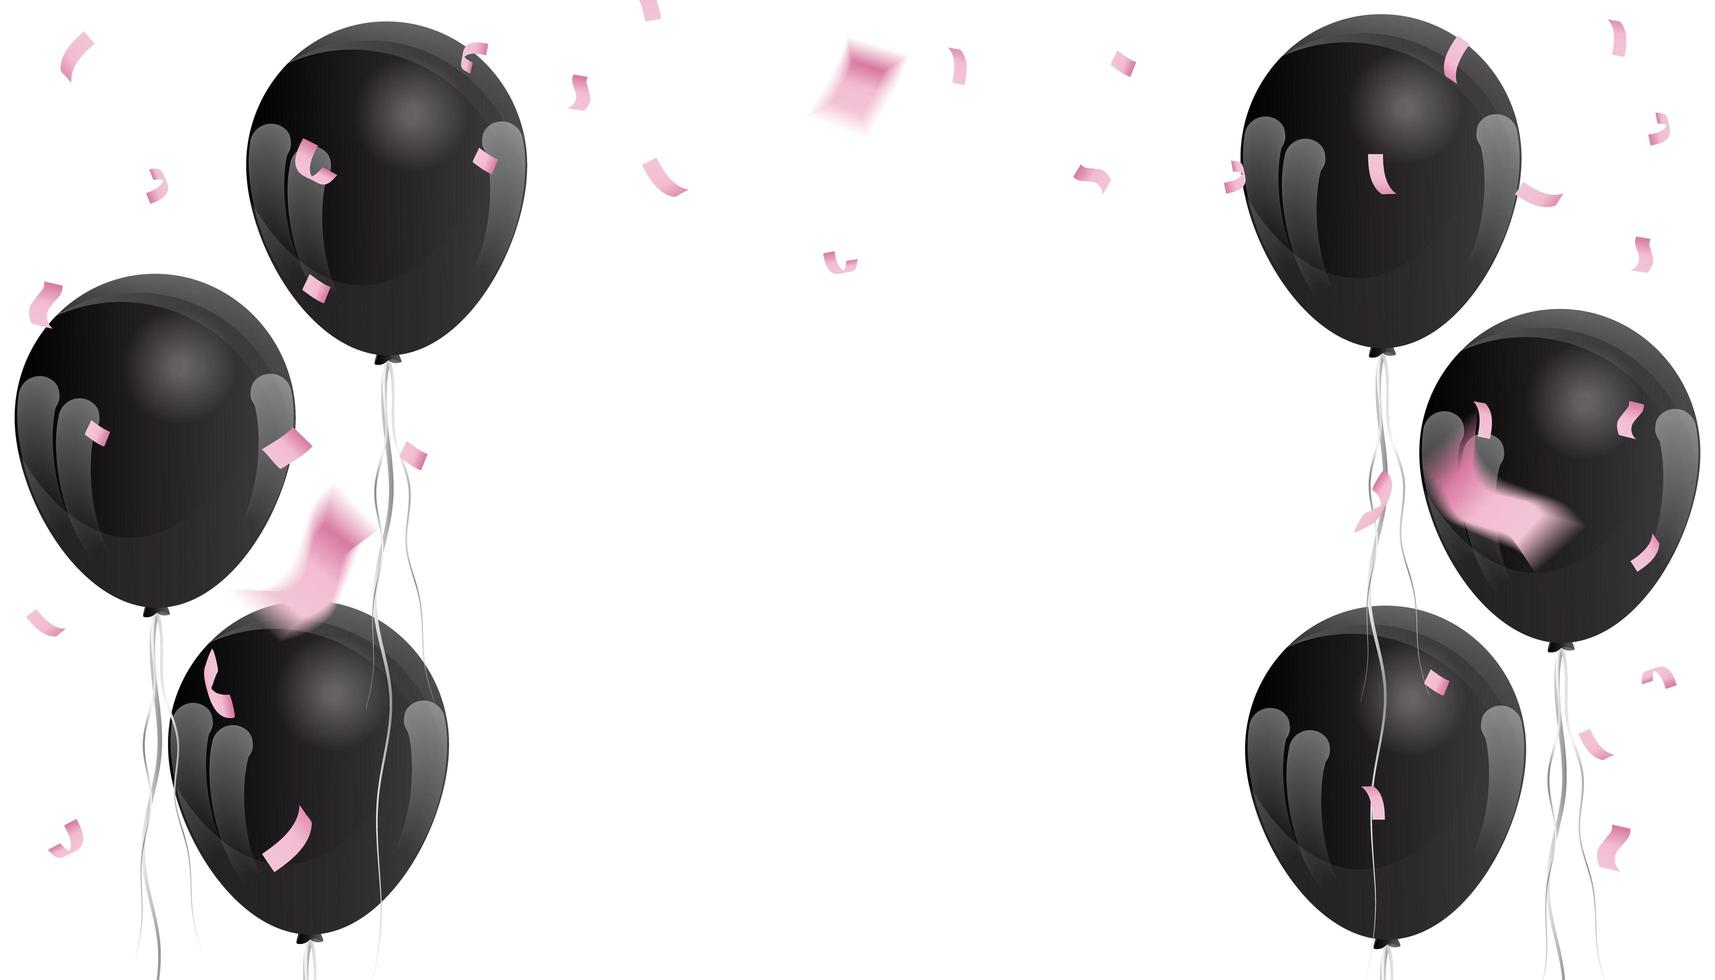 coriandoli rosa e palloncini neri vettore